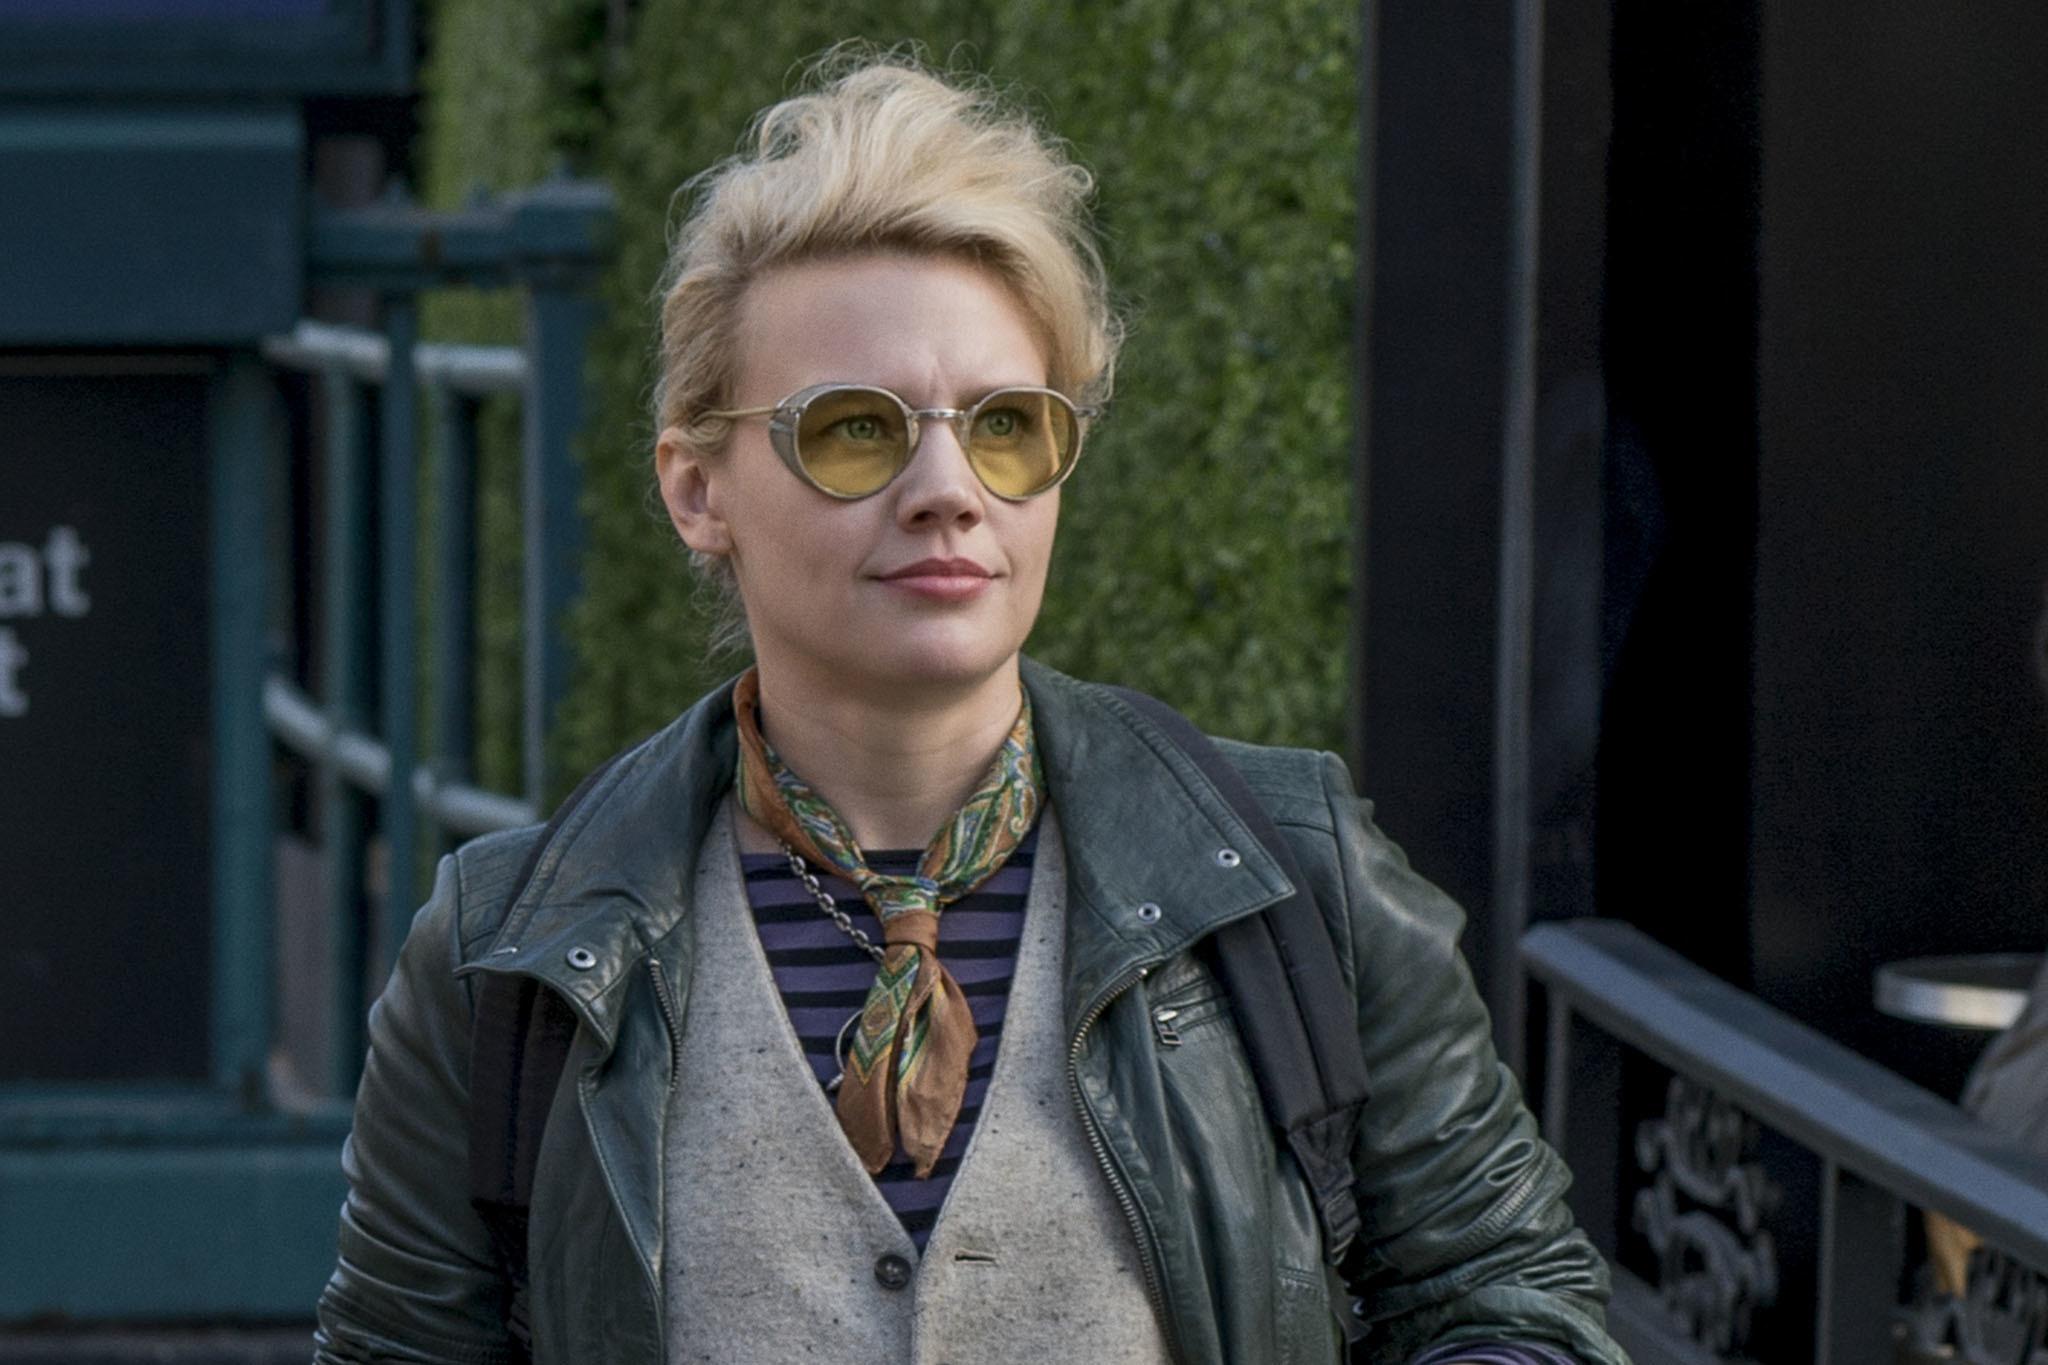 Kate MxKinnon de Ghostbusters 2016